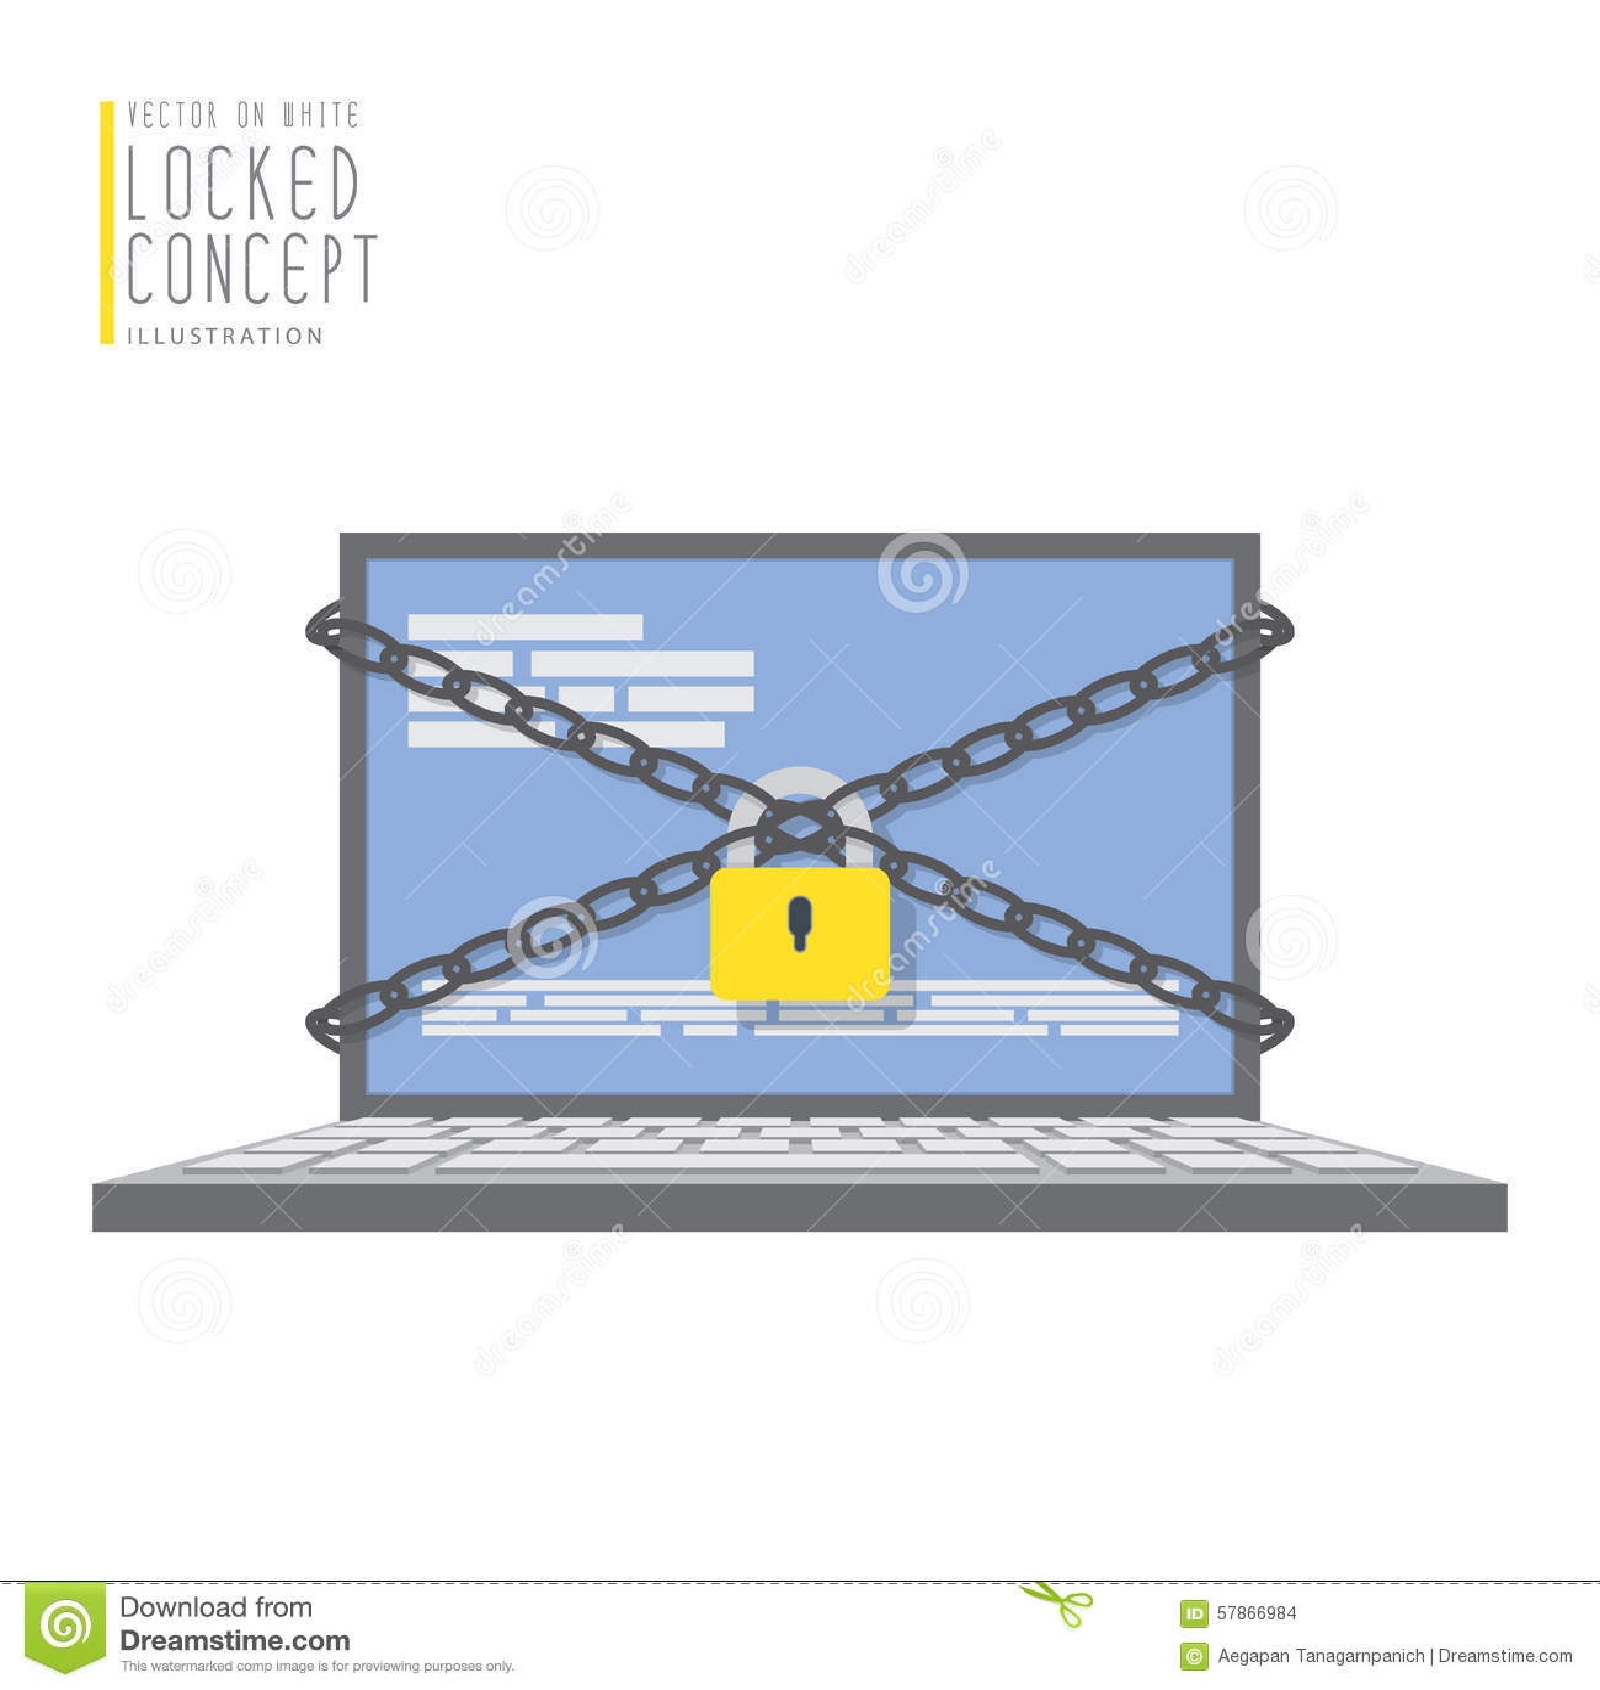 Ο φορητός προσωπικός υπολογιστής είναι συνδεδεμένος με τις αλυσίδες και κλειδωμένος με ένα λουκέτο